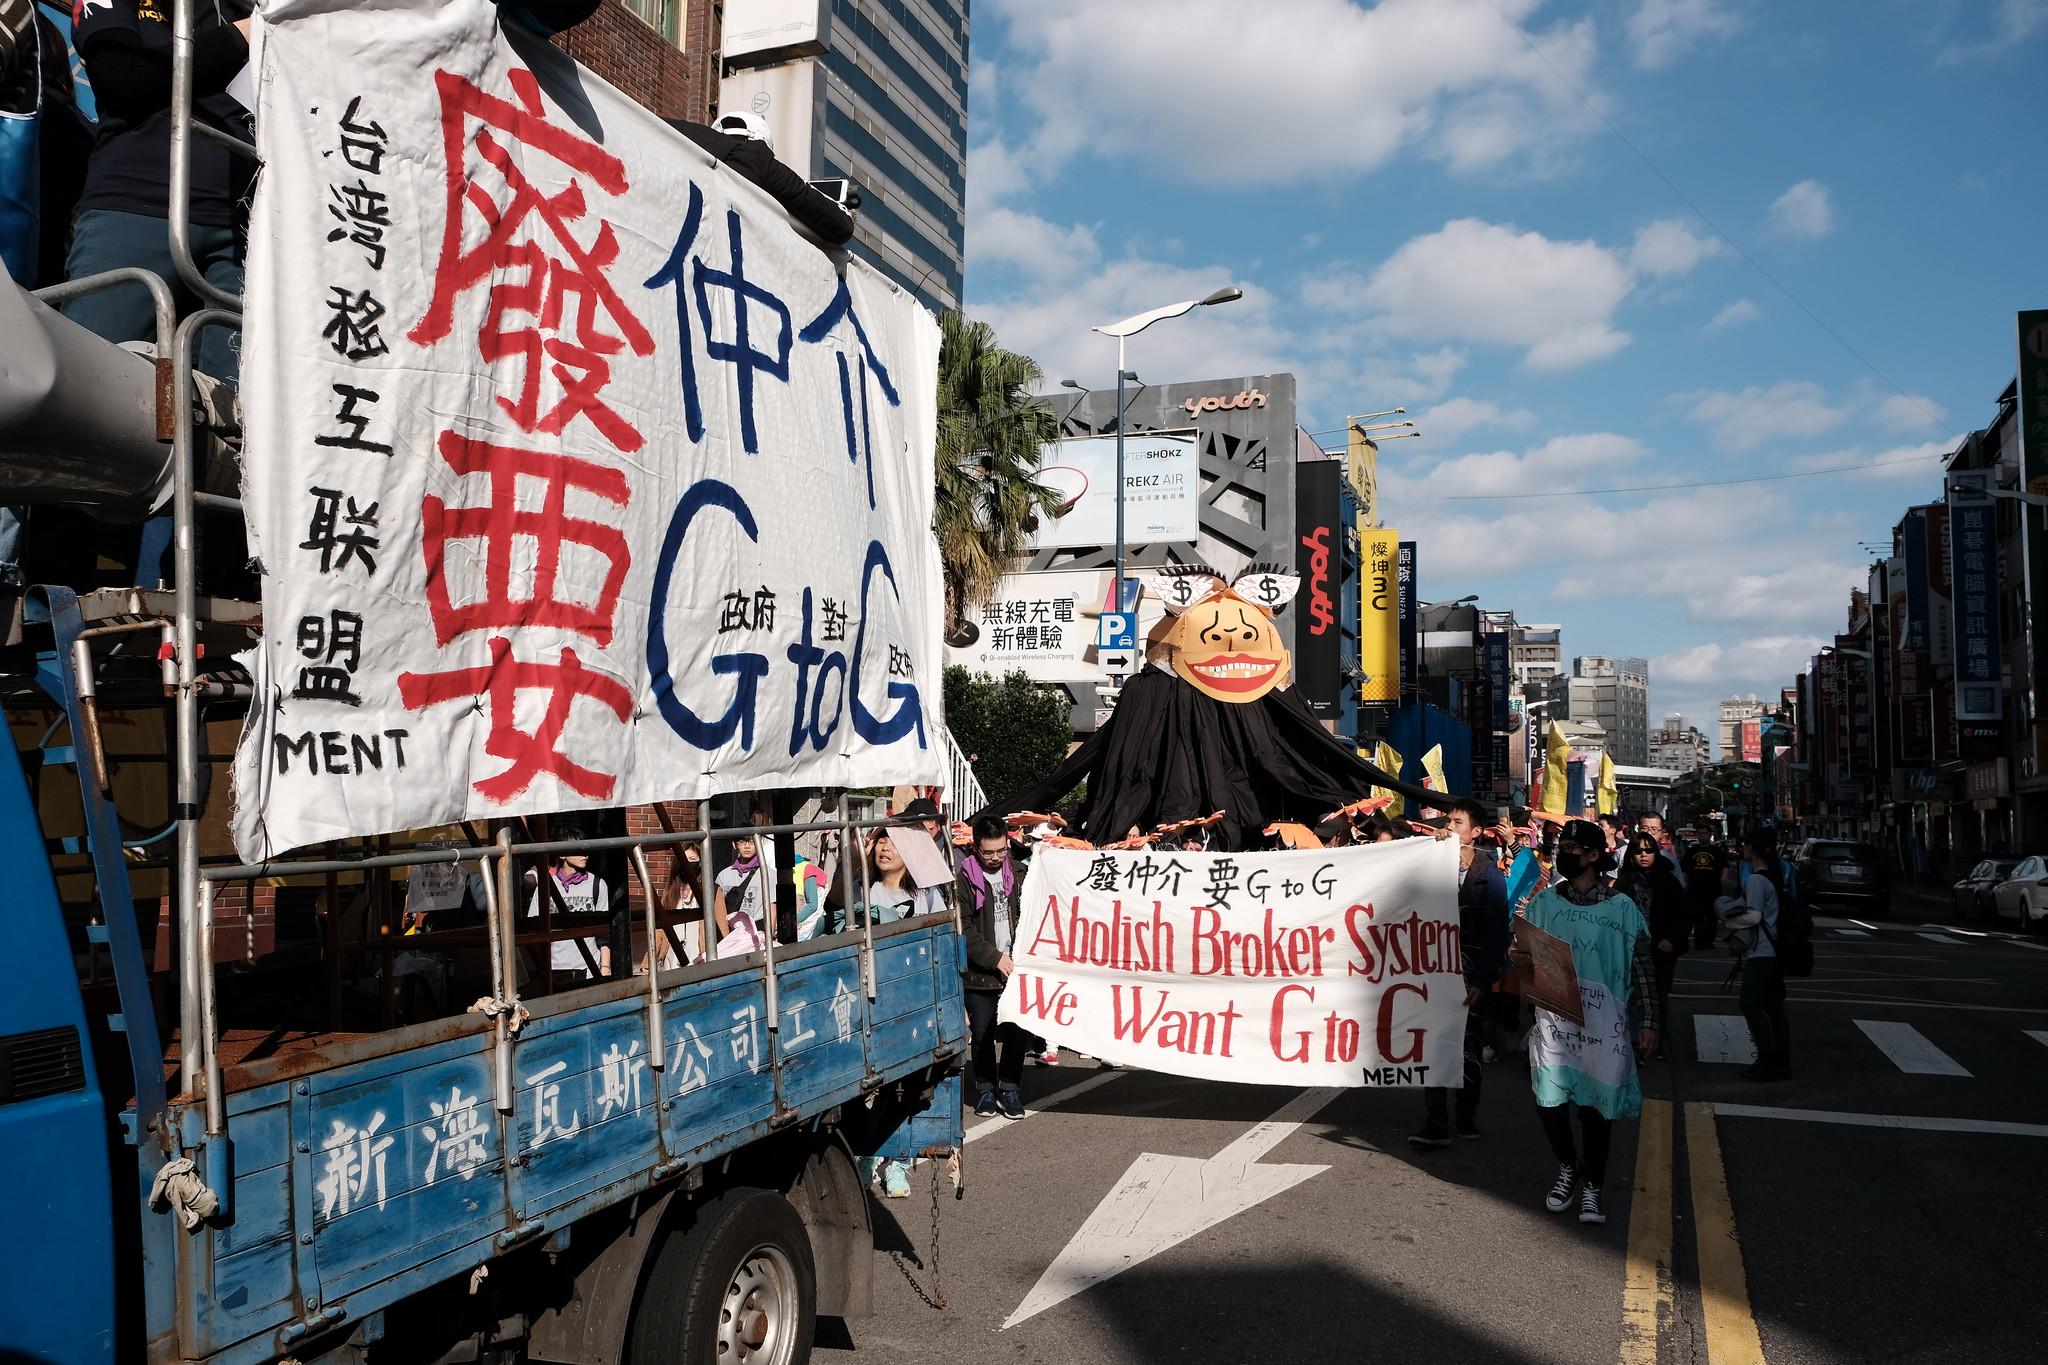 本屆遊行的主題是「廢除私人仲介,要求政府與政府直接聘僱」。(攝影:唐佐欣)